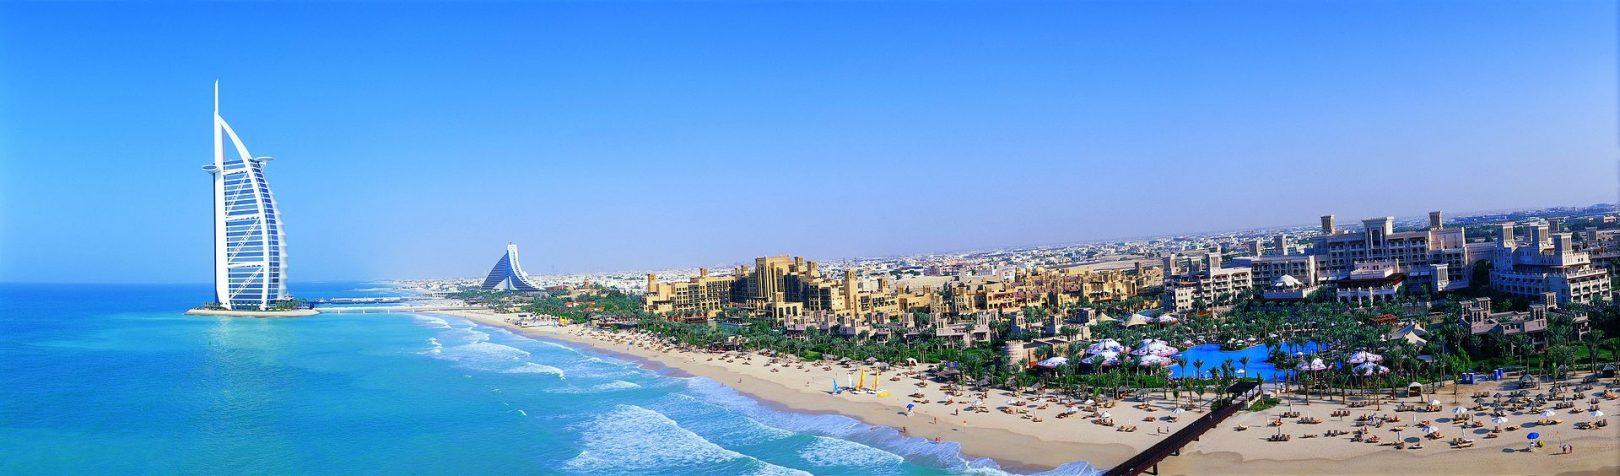 Promo Dubai - Madinat Jumeirah Beach